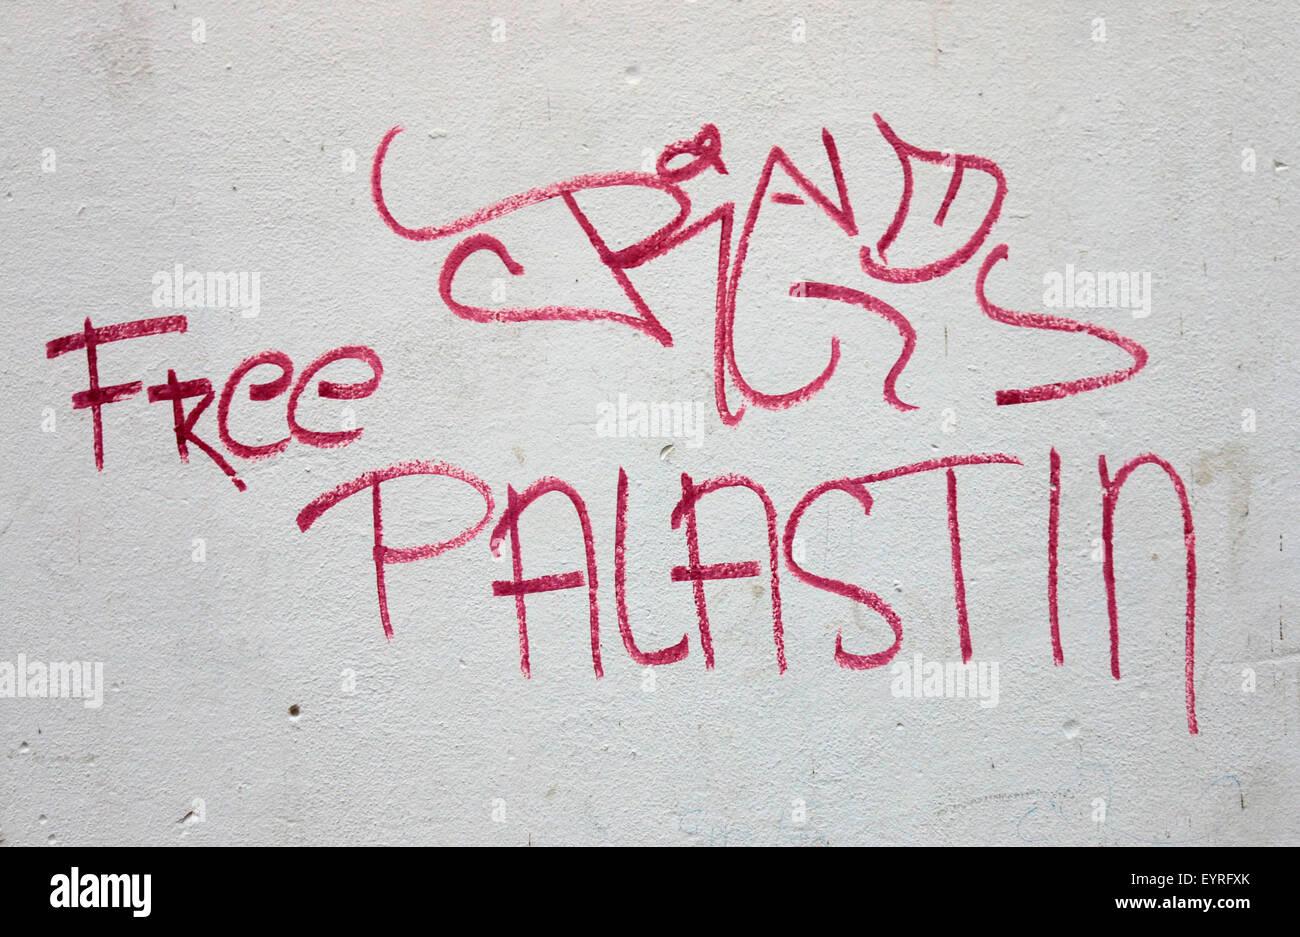 politischer Slogan 'Free Palestine', Berlin. - Stock Image